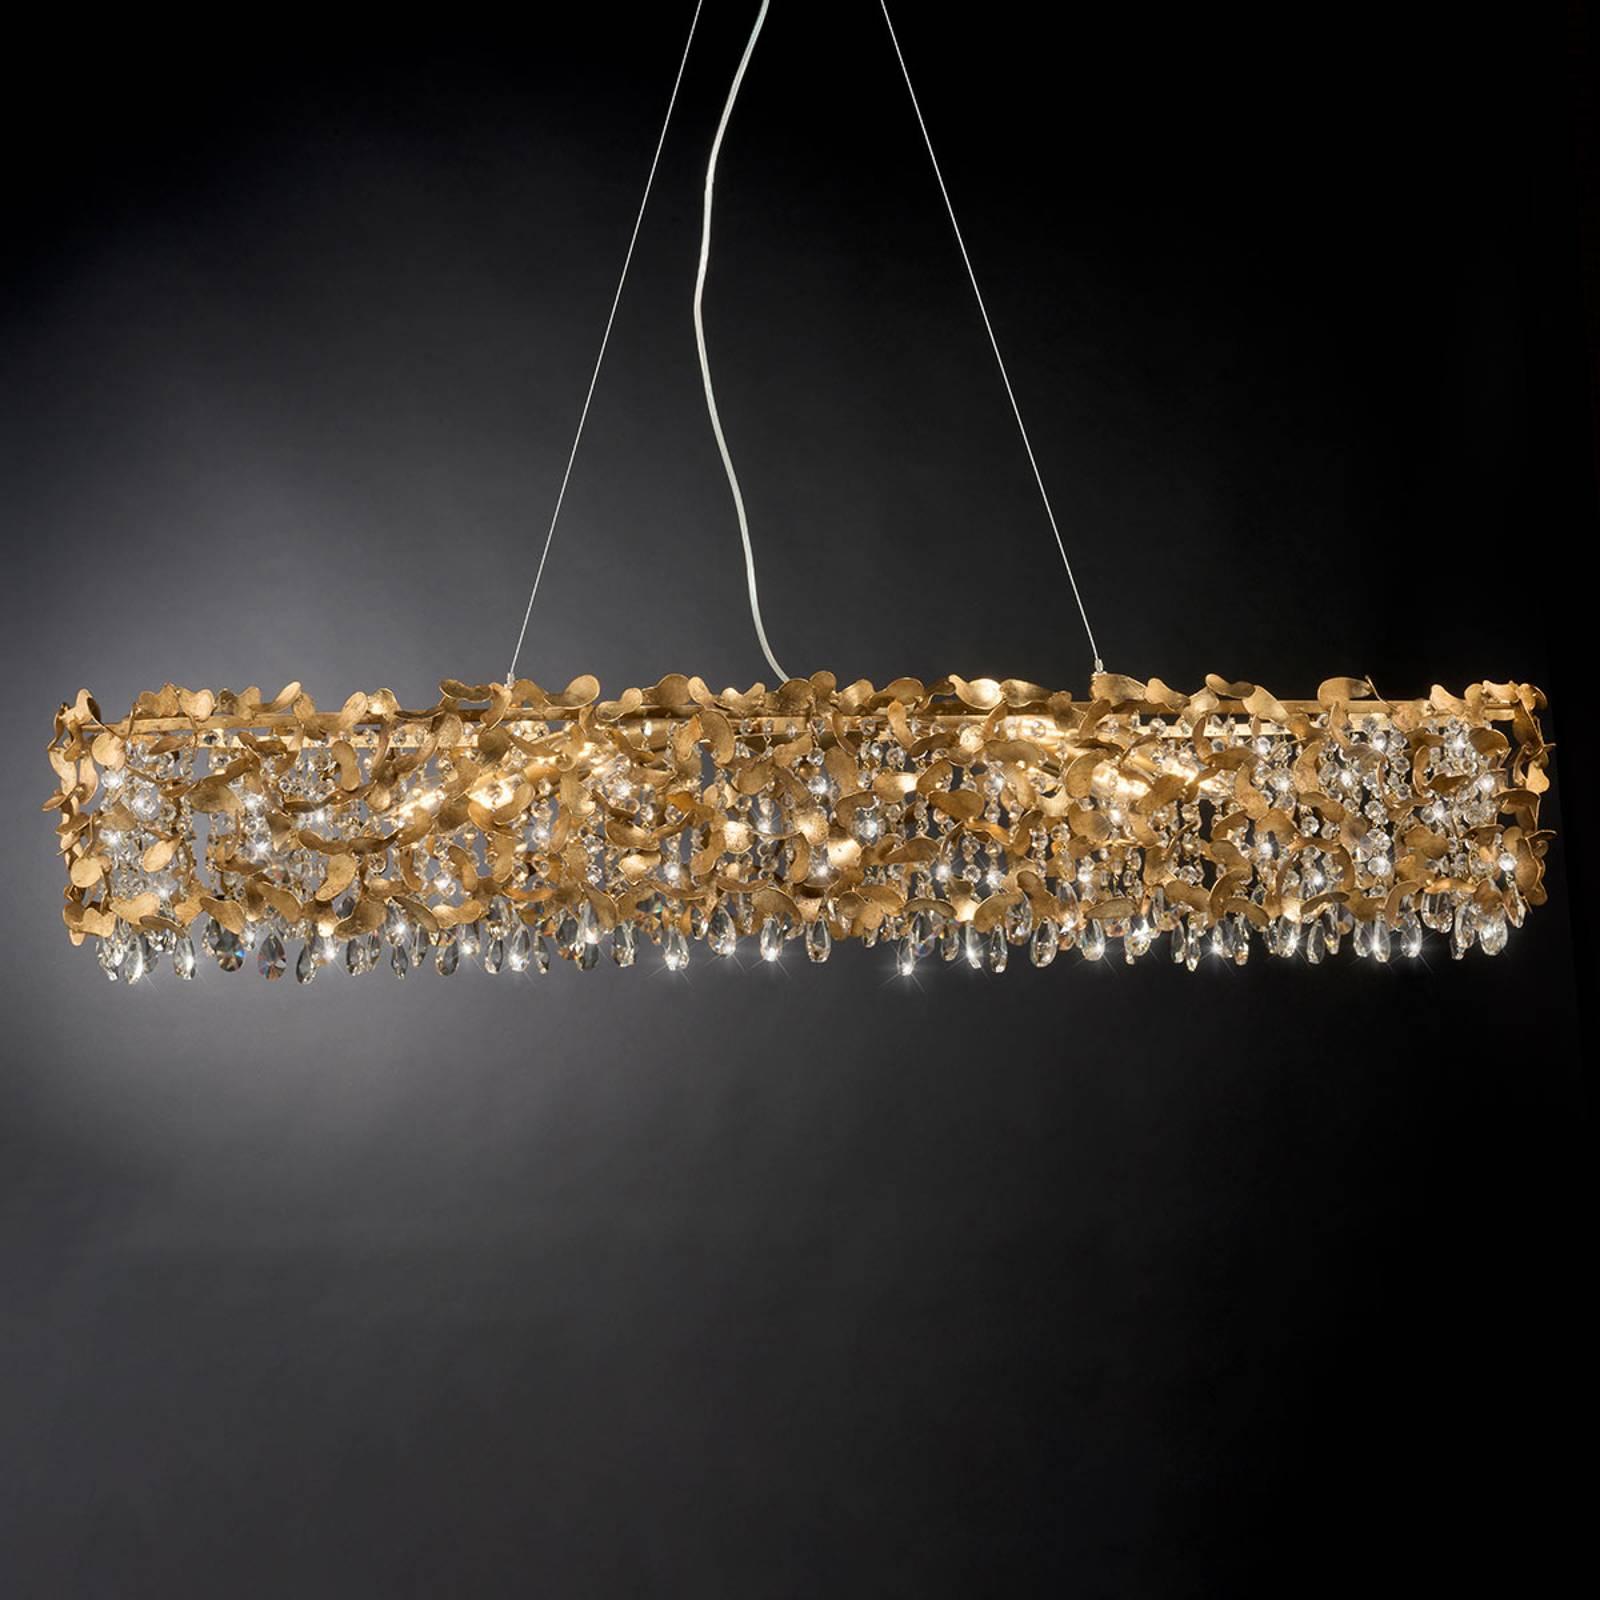 Suspension 1110/10 S avec feuille d'or, 10 lampes